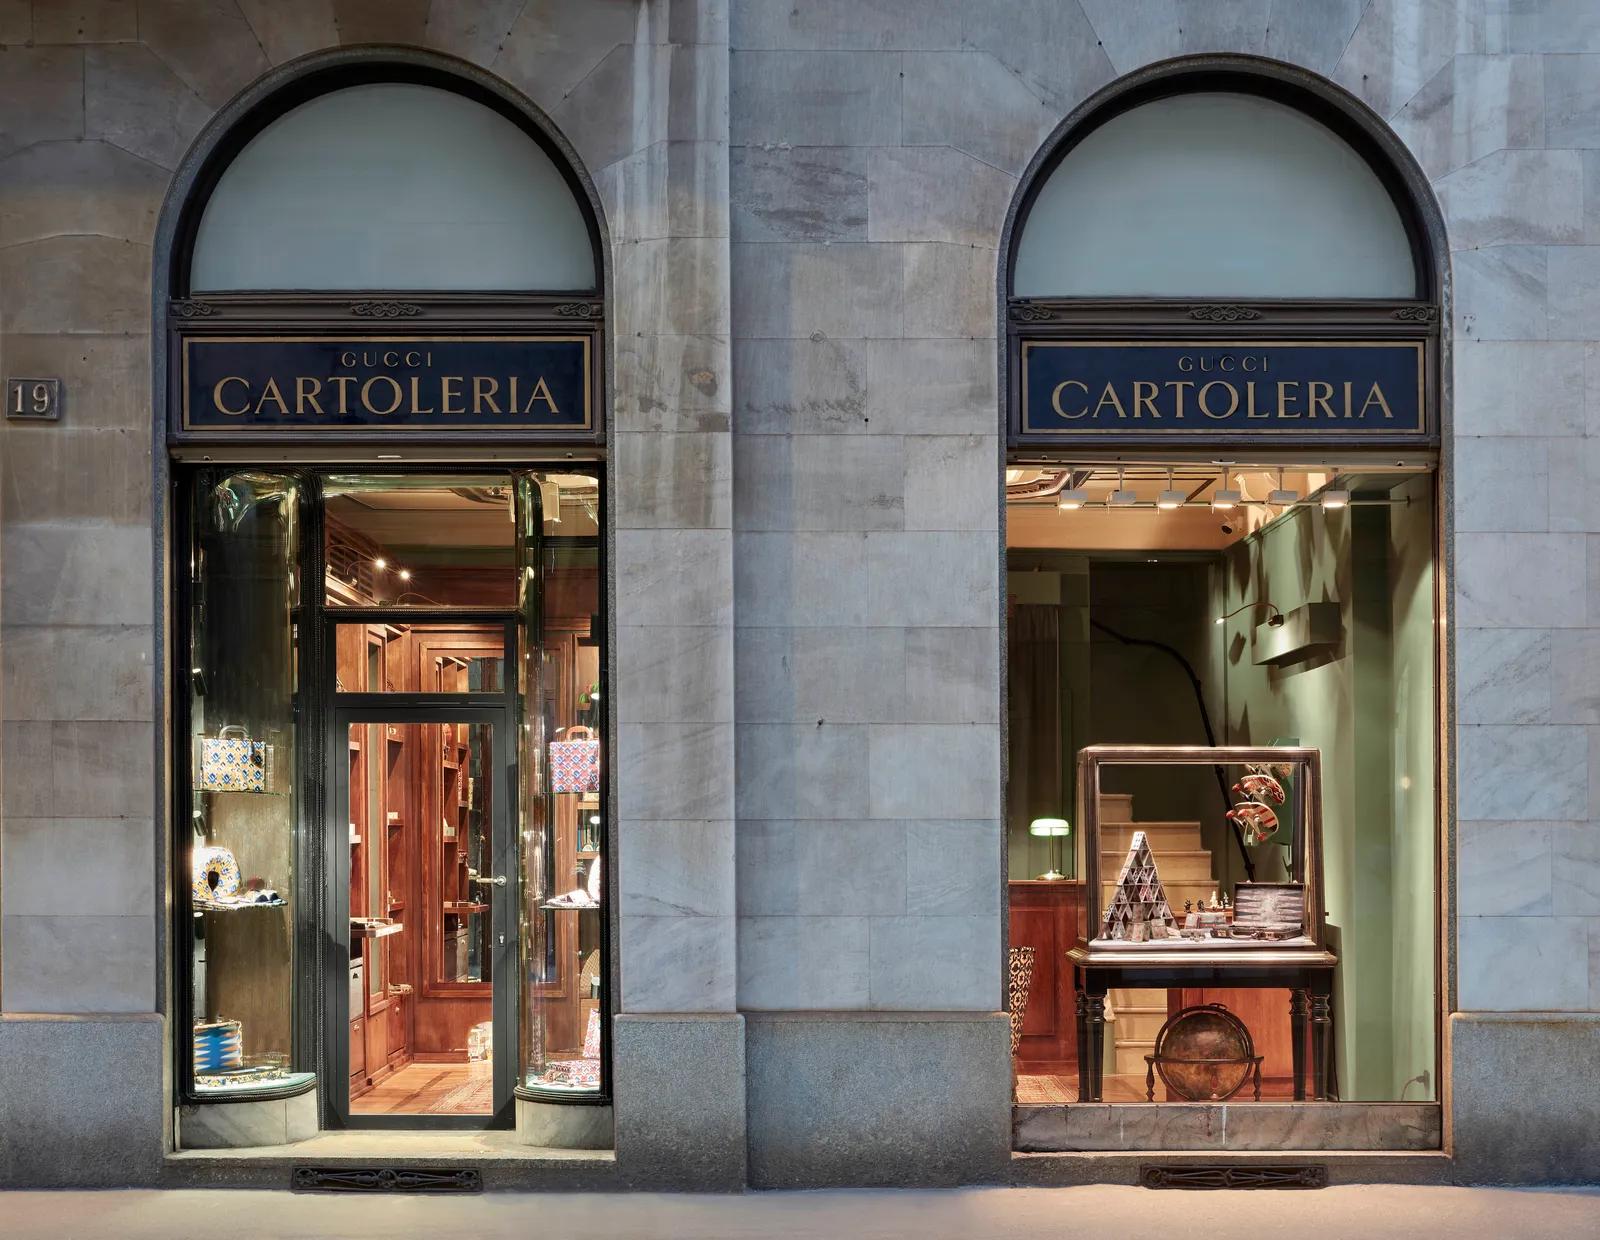 la facciata della cartoleria Gucci, si intravedono libri, astucci che sembrano però inseriti in una dimensione magica